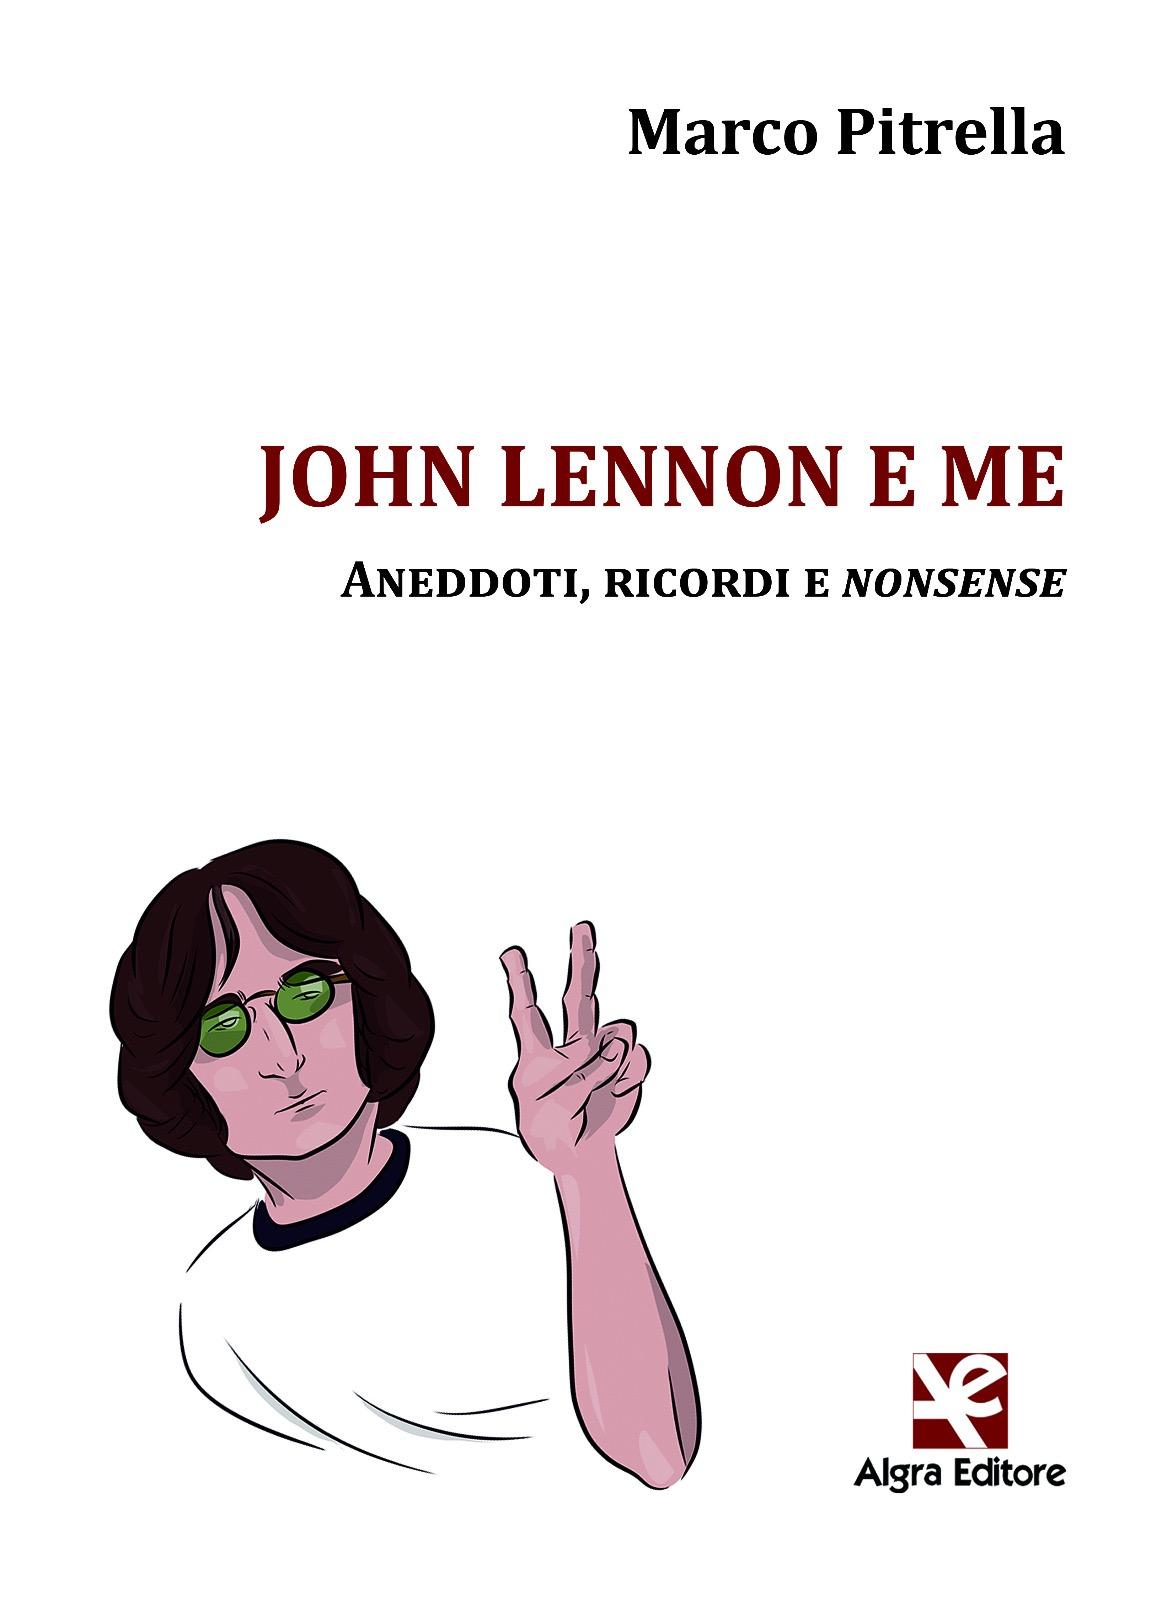 Clicca sulla cover per acquistare il libro di Marco Pitrella